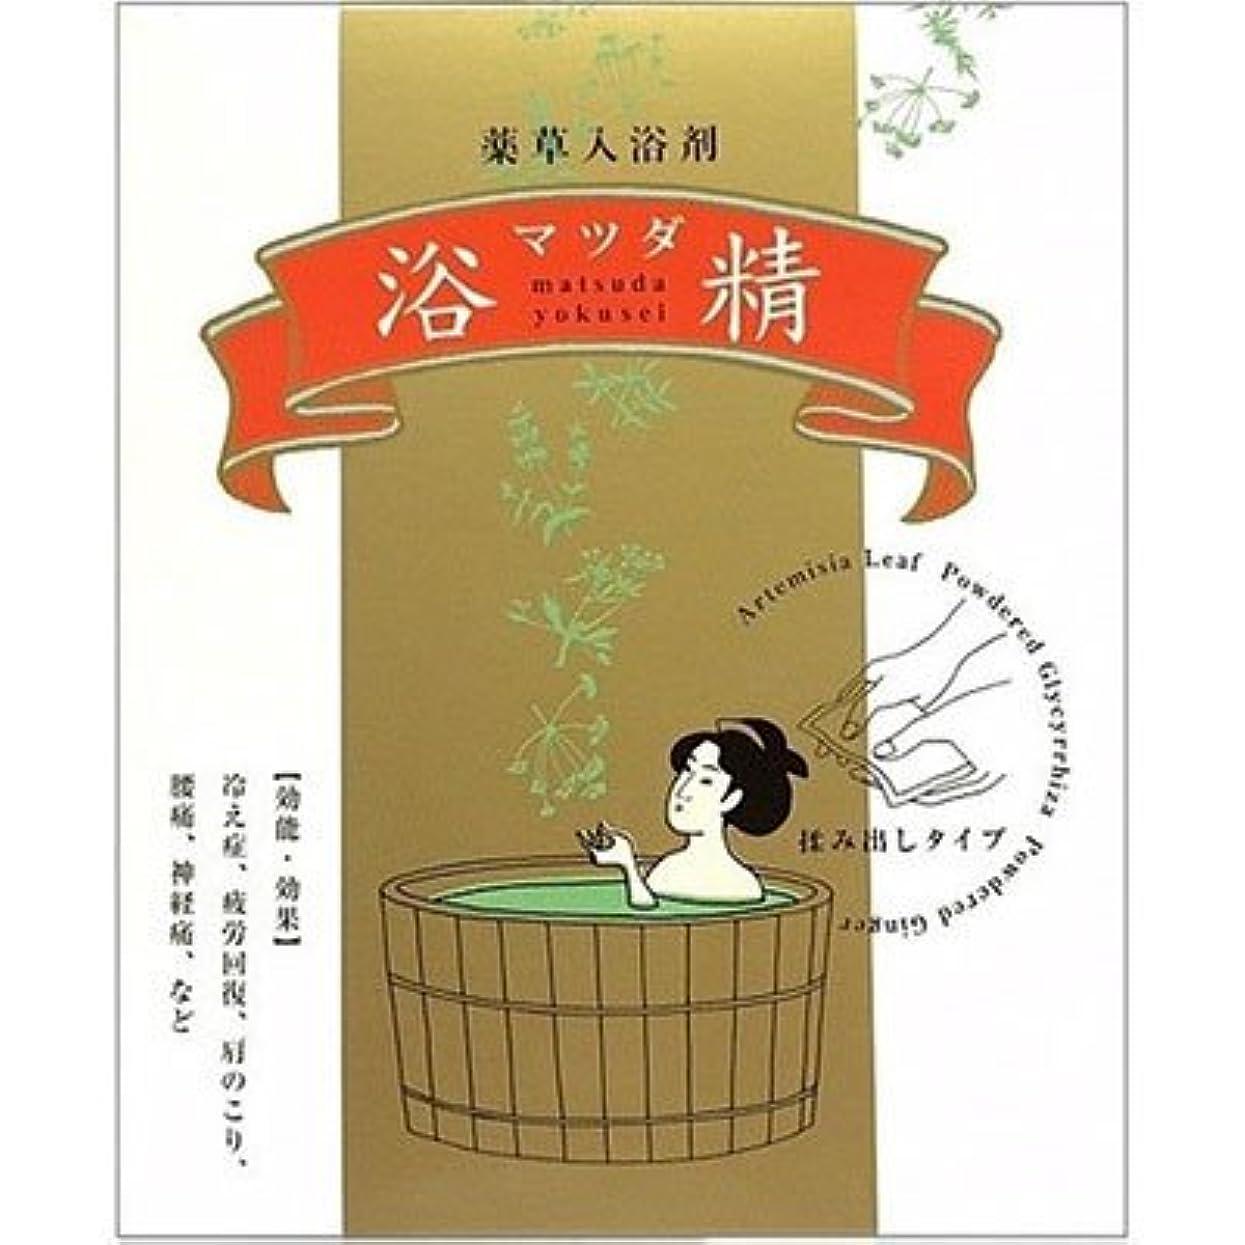 中級発生する位置づける松田医薬品 マツダ浴精 20Gx5包